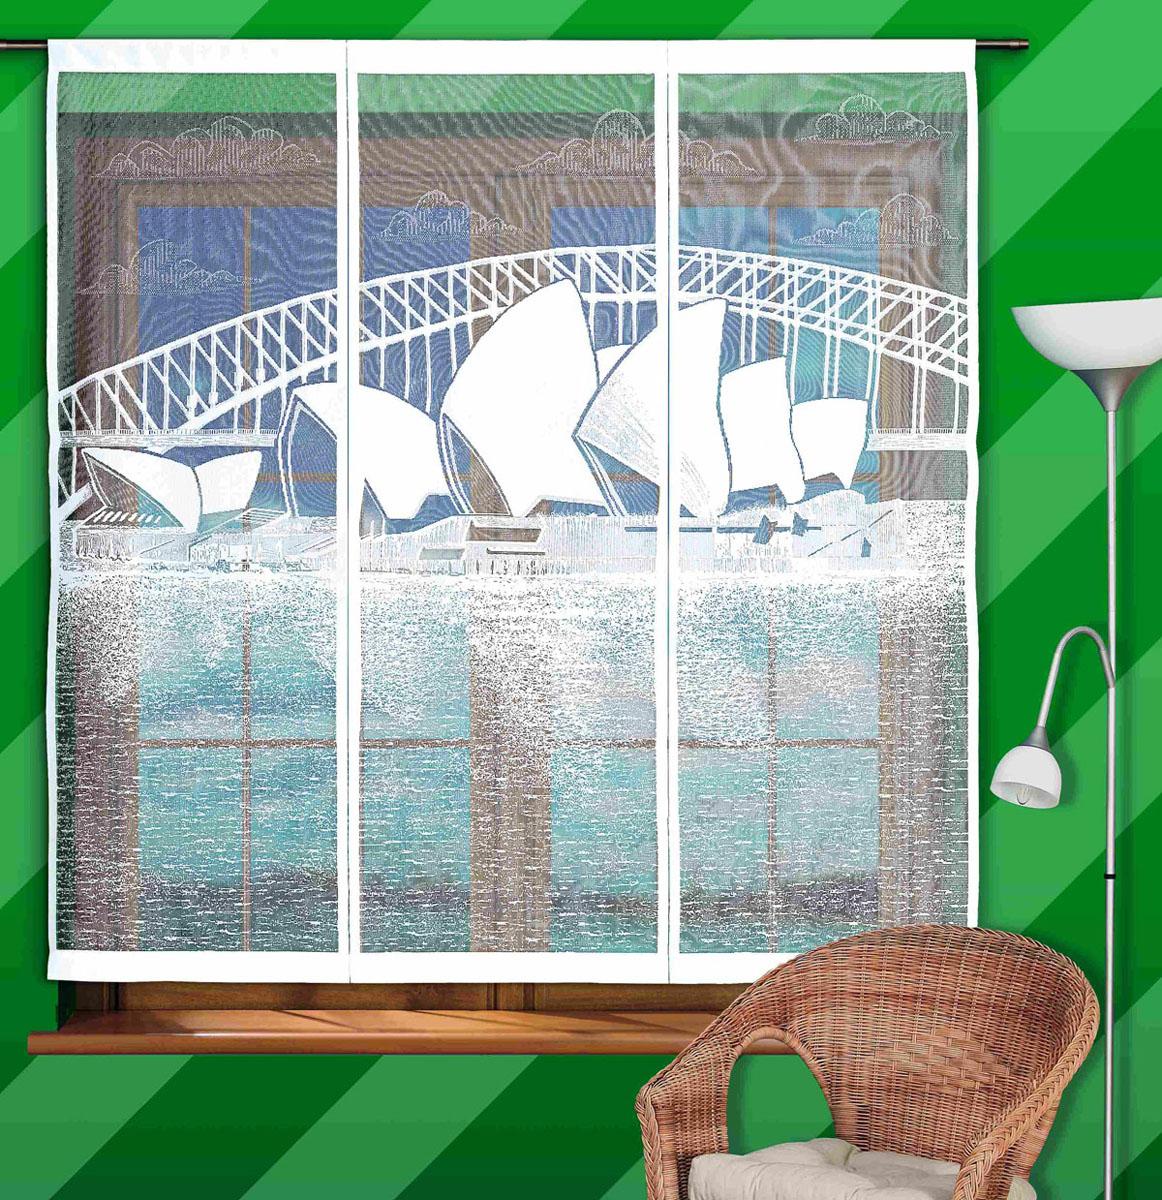 Гардина-панно Sidney, на кулиске, цвет: белый, высота 160 см747139Воздушная гардина-панно Sidney, изготовленная из полиэстера белого цвета, станет великолепным украшением любого окна. Тонкое плетение и оригинальный рисунок в виде здания Оперы в Сиднее привлечет к себе внимание и органично впишется в интерьер. Гардина оснащена кулиской для крепления на круглый карниз. Характеристики:Материал: 100% полиэстер. Цвет: белый. Высота кулиски: 7 см. Размер упаковки:27 см х 36 см х 3 см. Артикул: 747139. В комплект входит: Гардина-панно - 1 шт. Размер (ШхВ): 150 см х 160 см. Фирма Wisan на польском рынке существует уже более пятидесяти лет и является одной из лучших польских фабрик по производству штор и тканей. Ассортимент фирмы представлен готовыми комплектами штор для гостиной, детской, кухни, а также текстилем для кухни (скатерти, салфетки, дорожки, кухонные занавески). Модельный ряд отличает оригинальный дизайн, высокое качество. Ассортимент продукции постоянно пополняется.